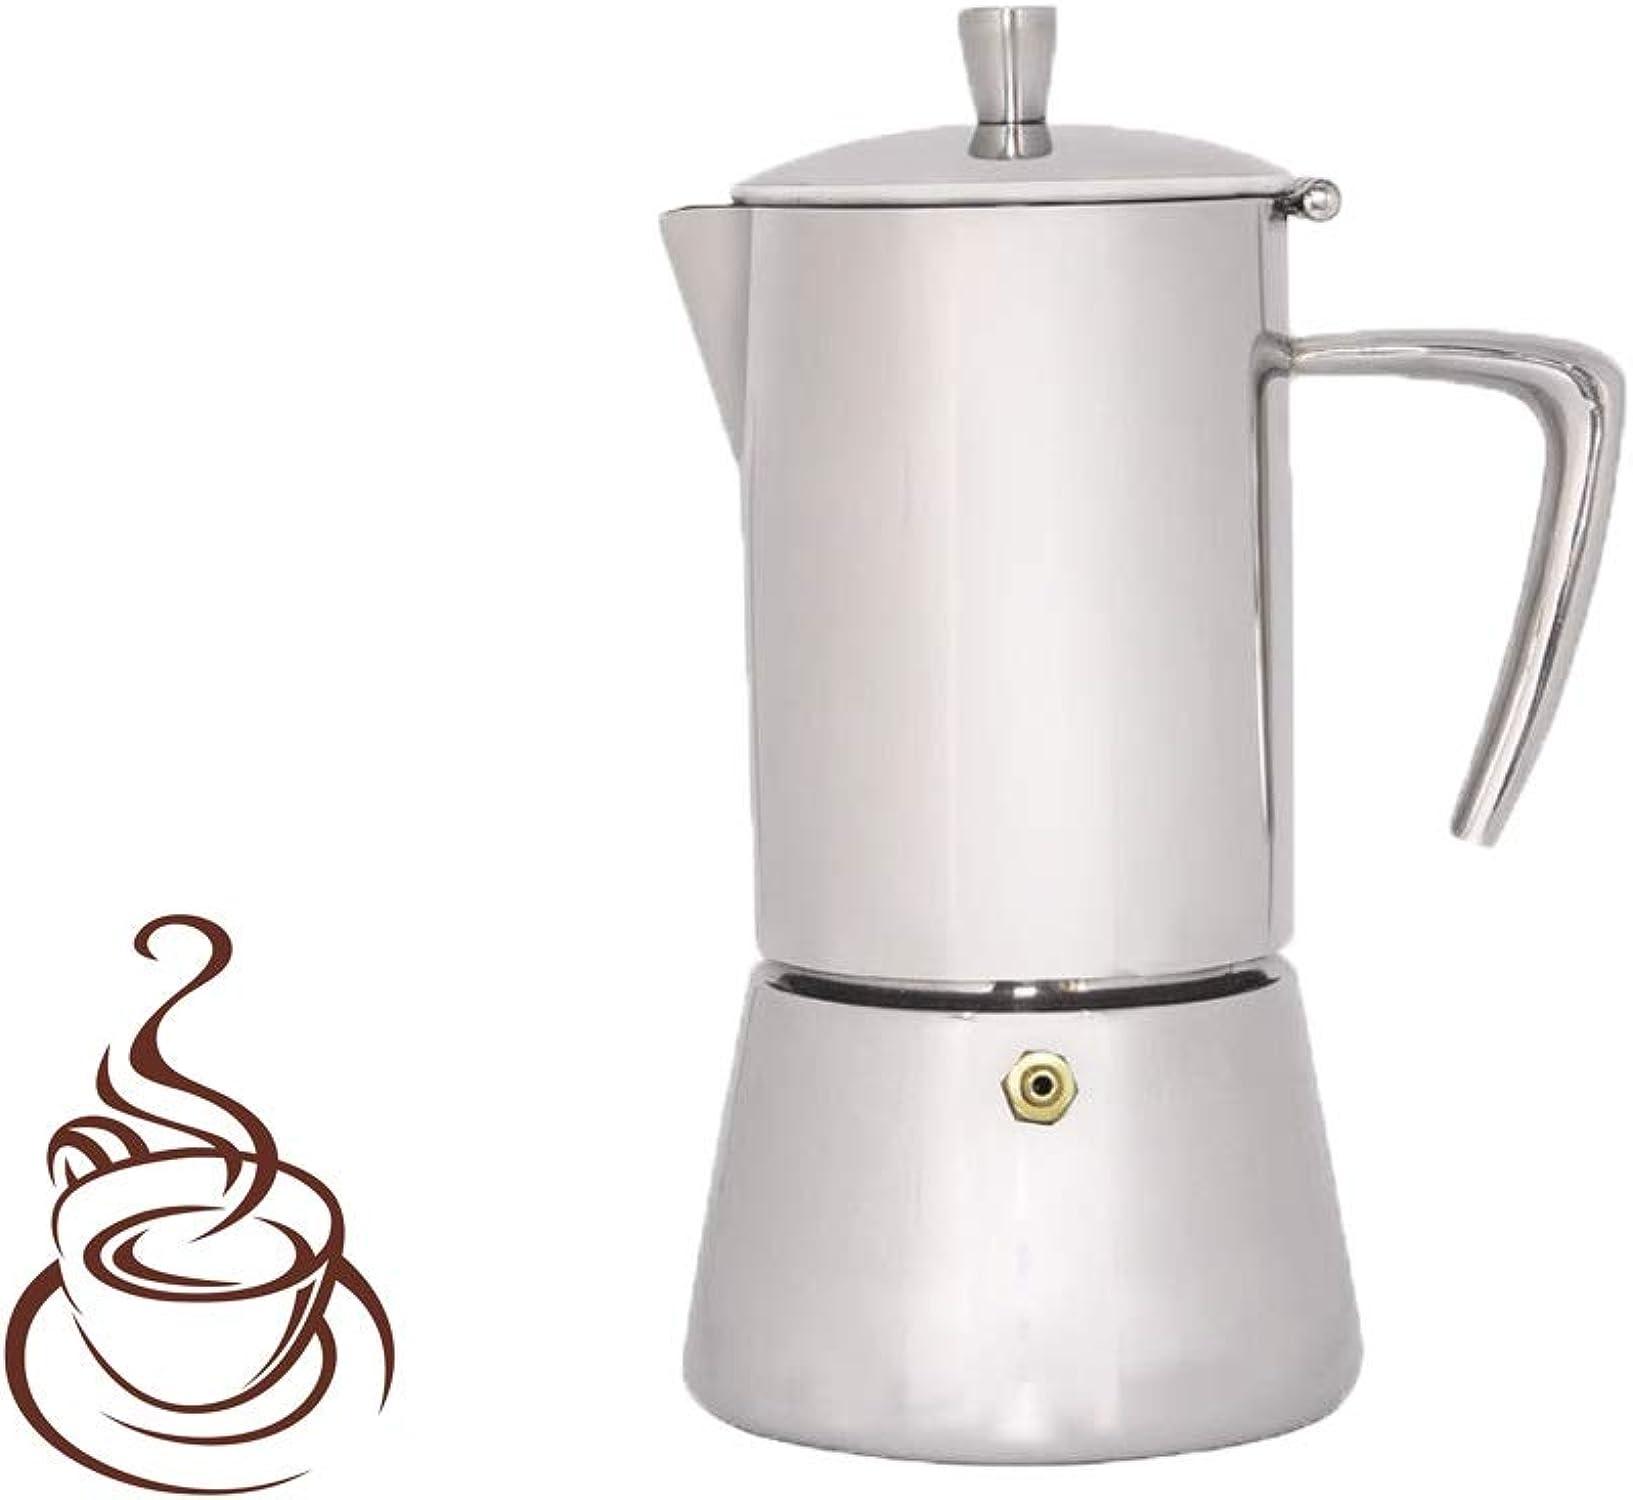 precio al por mayor Cafetera Italiana Moka Pot Mocha Coffee Coffee Coffee Pot Café de Acero Inoxidable Cafetera Italiana concentrada Mocha Cafetera para la Oficina en casa (Capacity   6cup)  descuento